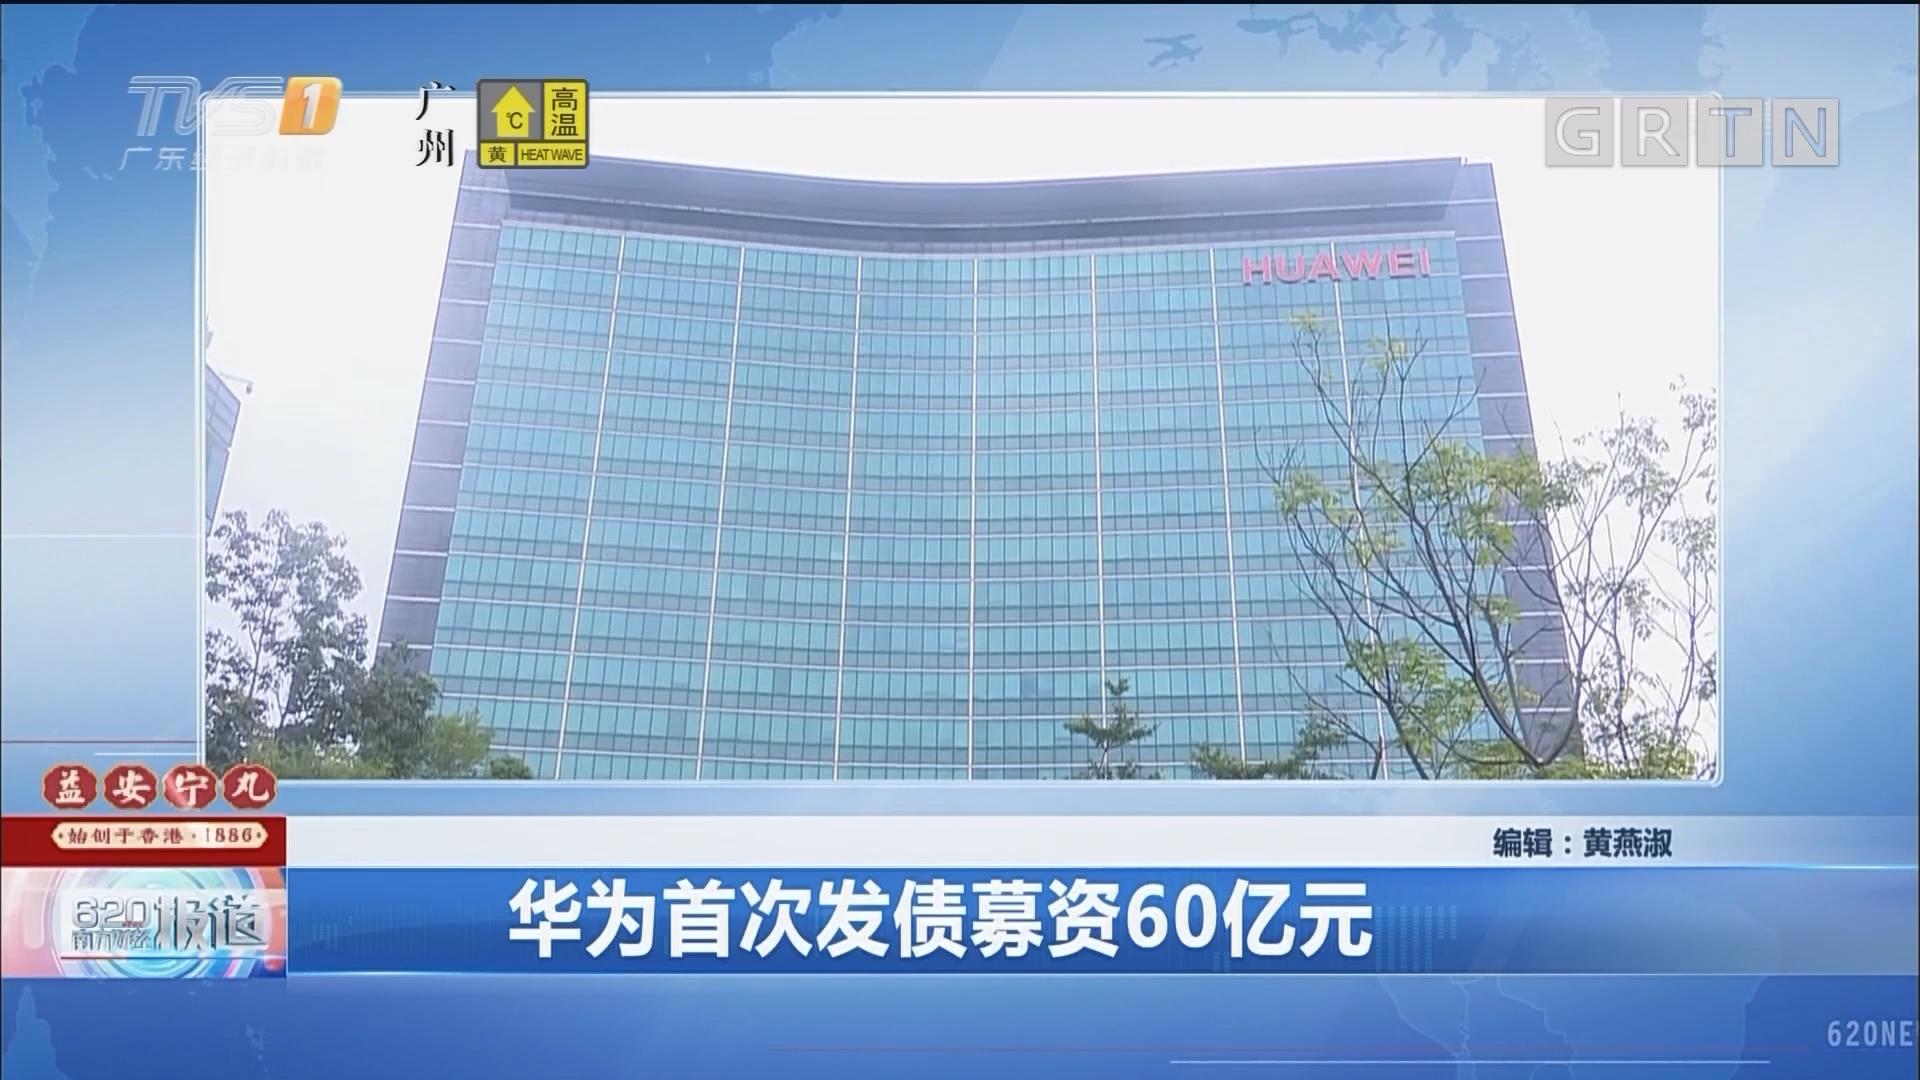 华为首次发债募资60亿元